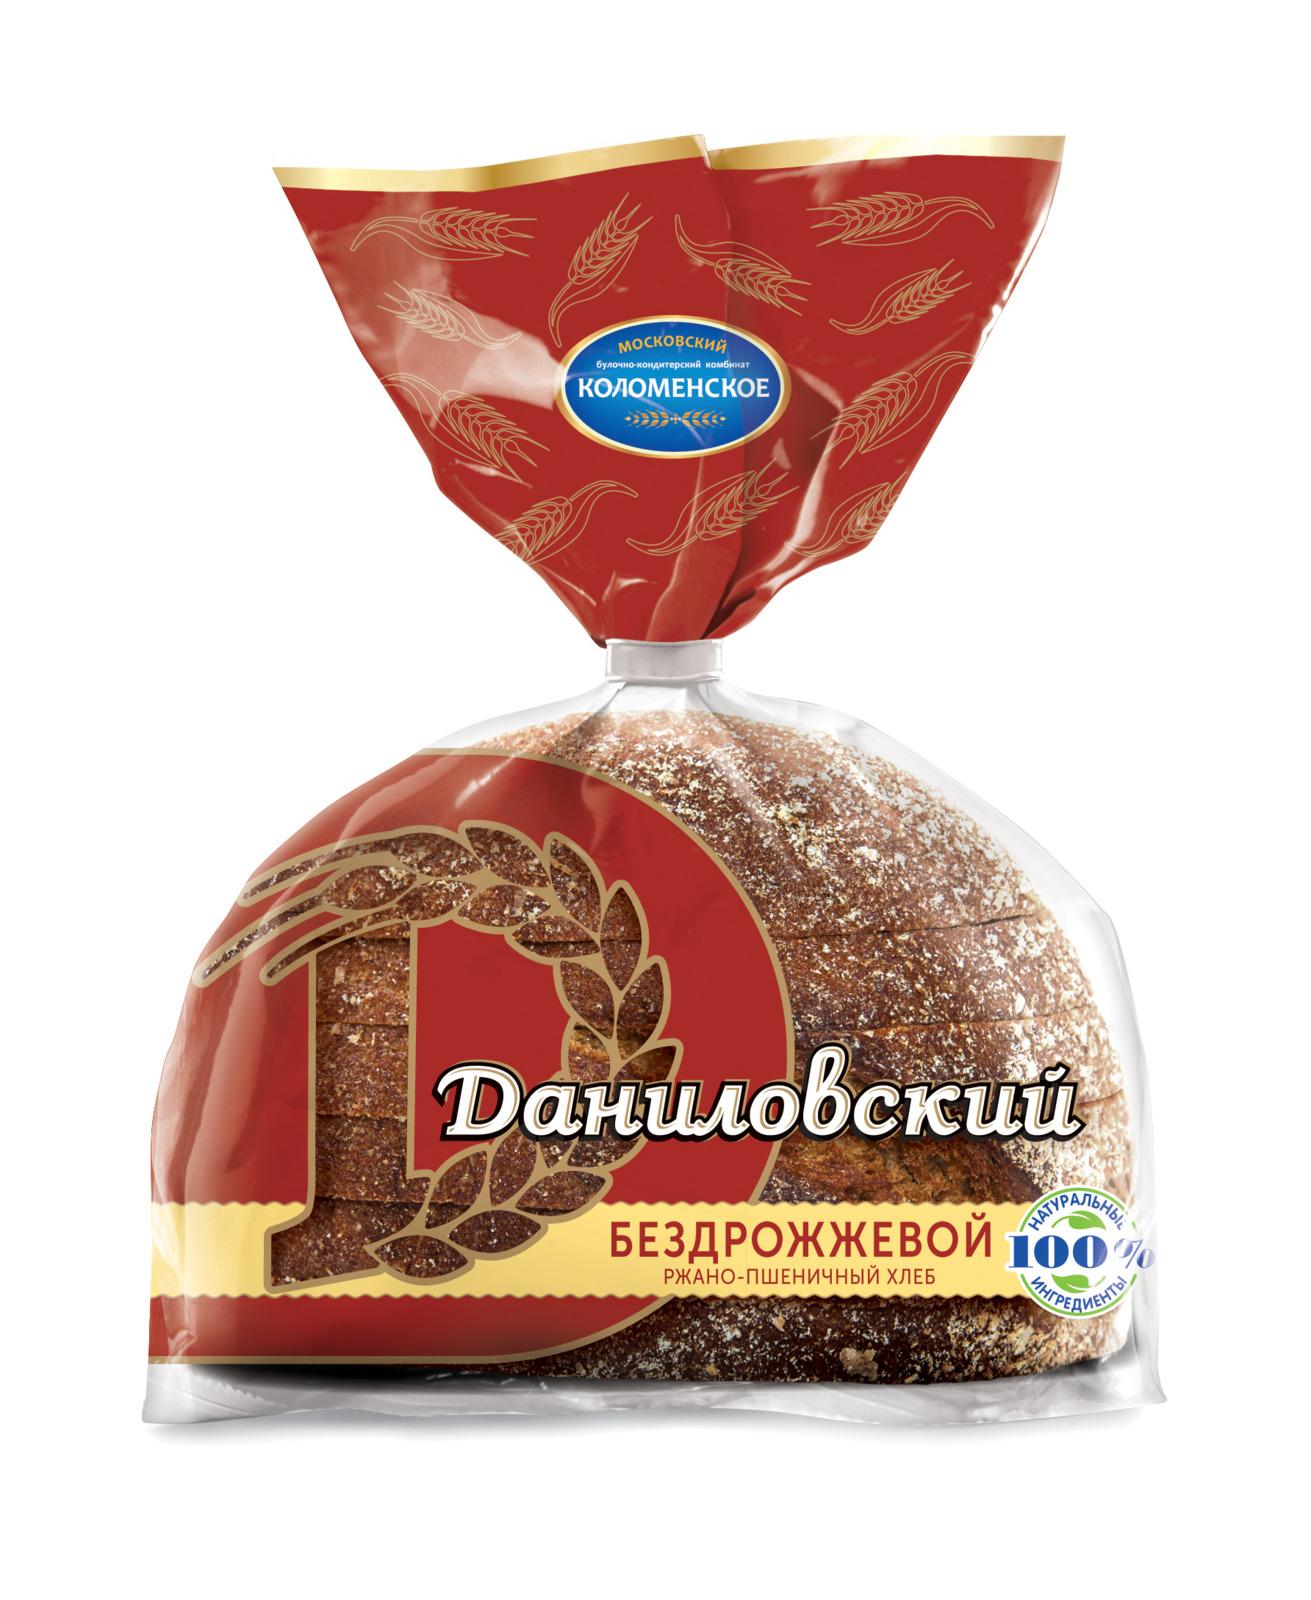 Хлеб Коломенское Даниловский бездрожжевой, 300 г булка коломенское булочки сдобные с кардамоном 200 г